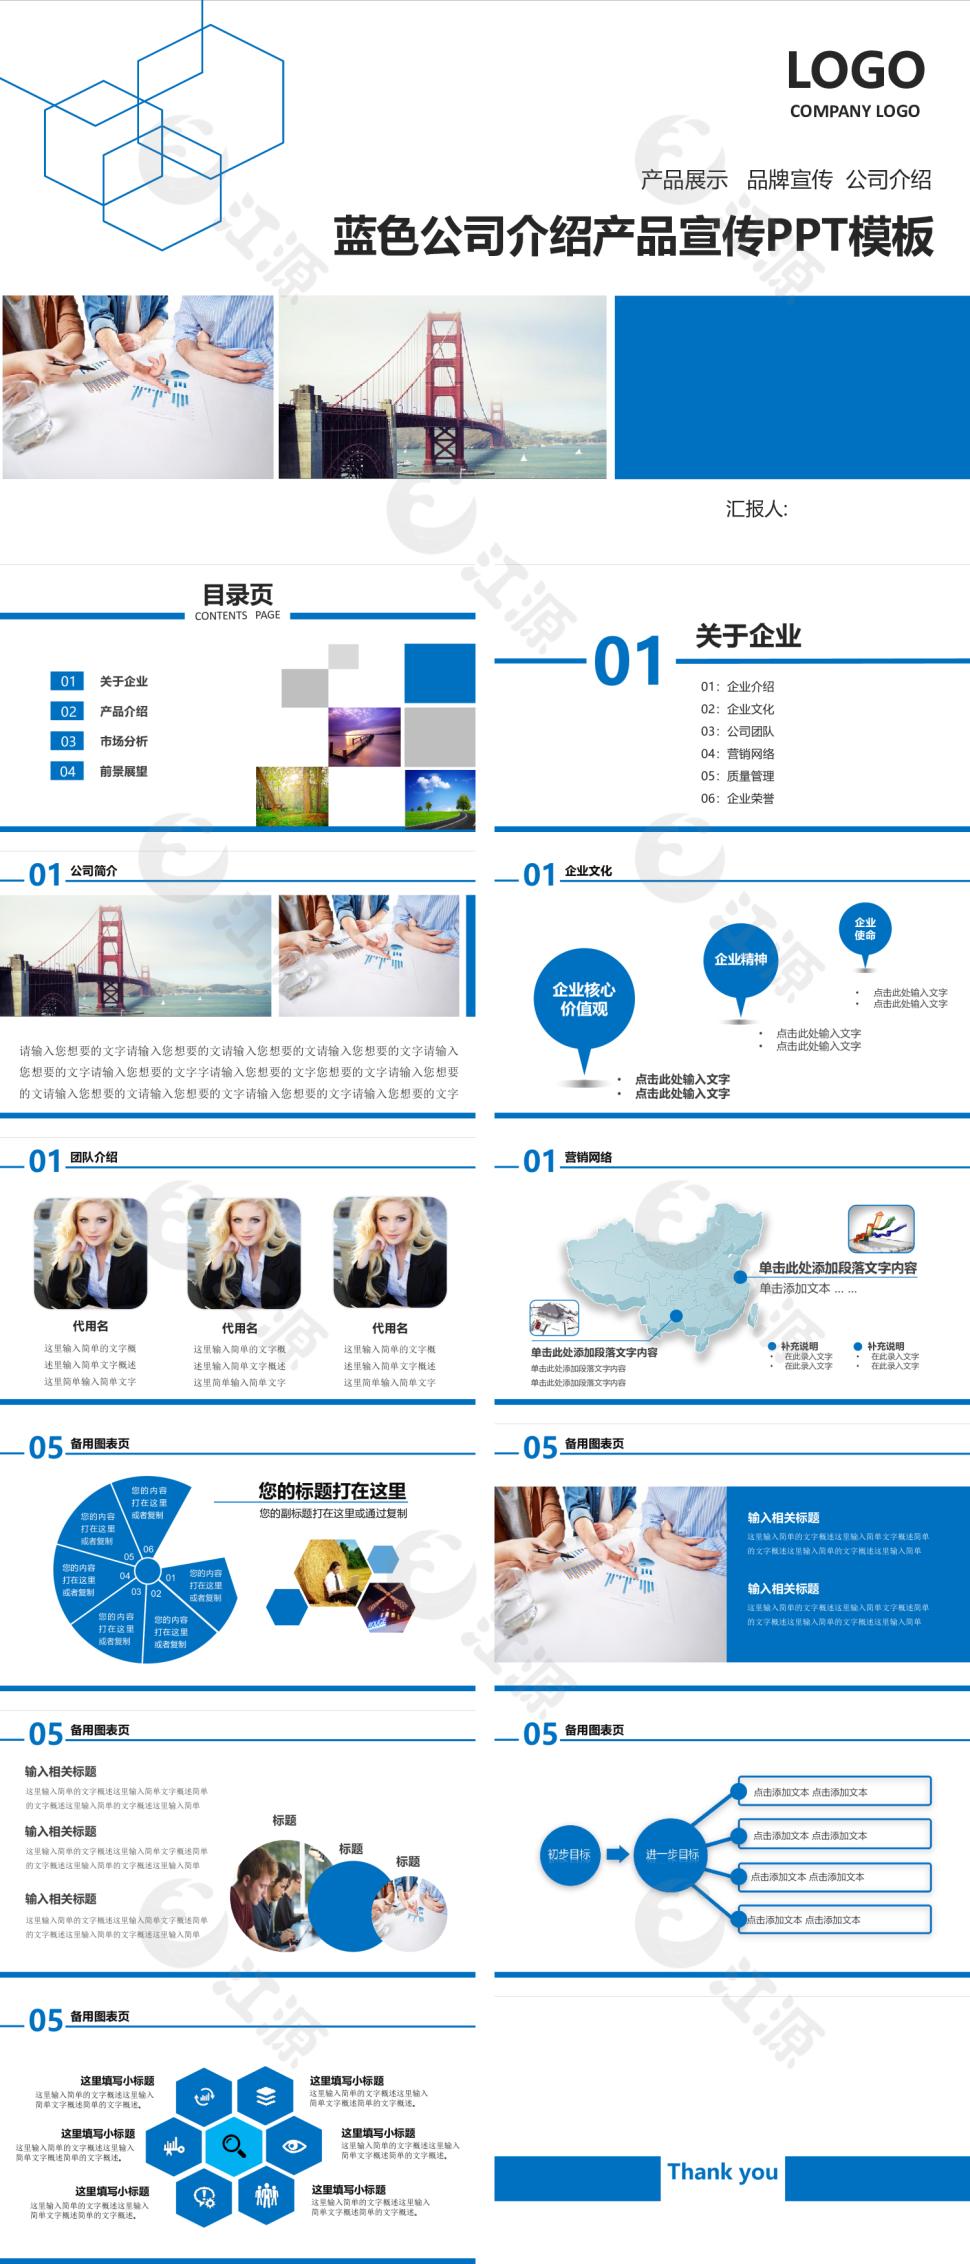 蓝色简约公司介绍及产品介绍